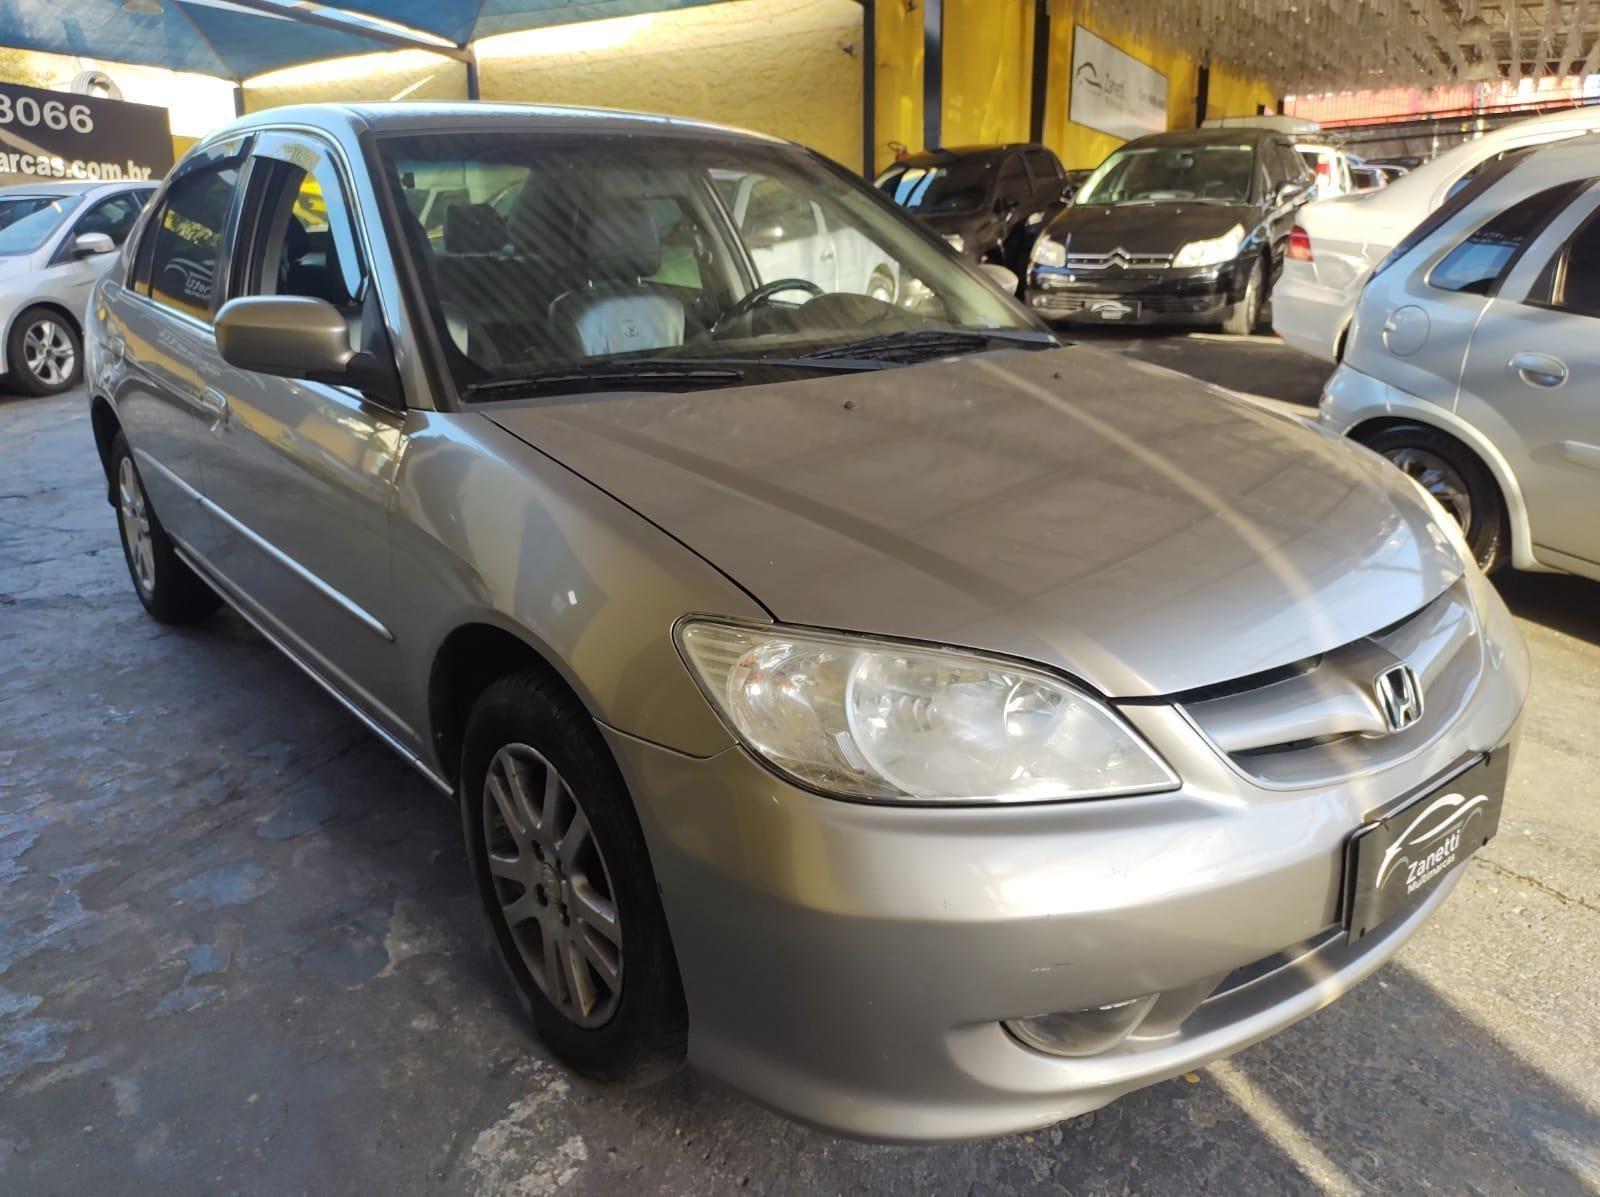 //www.autoline.com.br/carro/honda/civic-17-lx-16v-gasolina-4p-automatico/2004/mogi-das-cruzes-sp/15266199